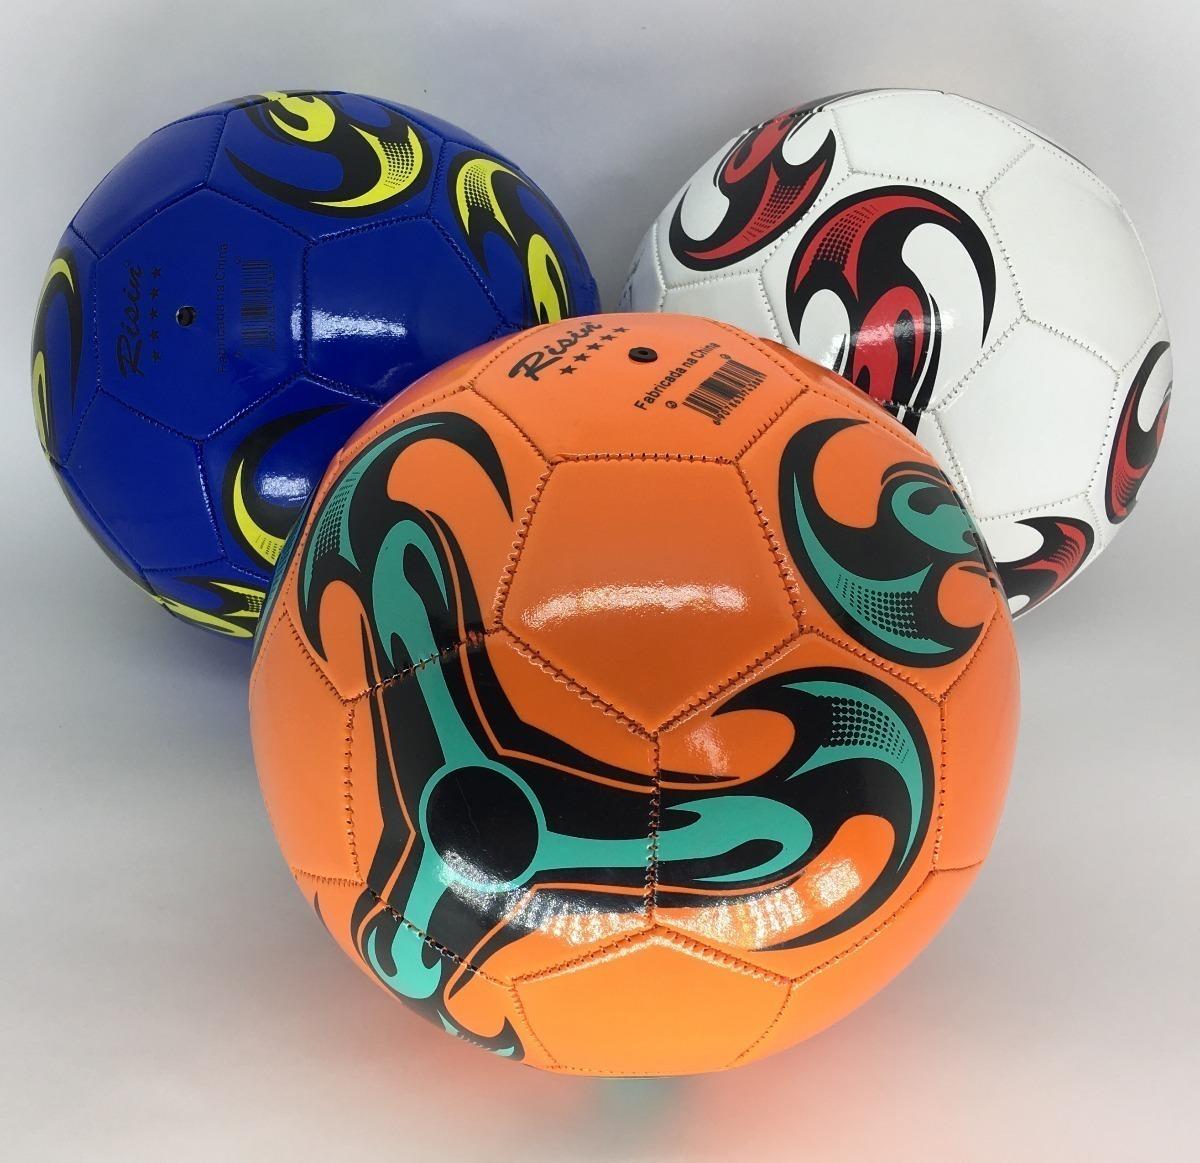 4cec92739c3f1 Kit Com 25 Bolas De Futebol Para Revenda - Preço De Atacado - R  426 ...